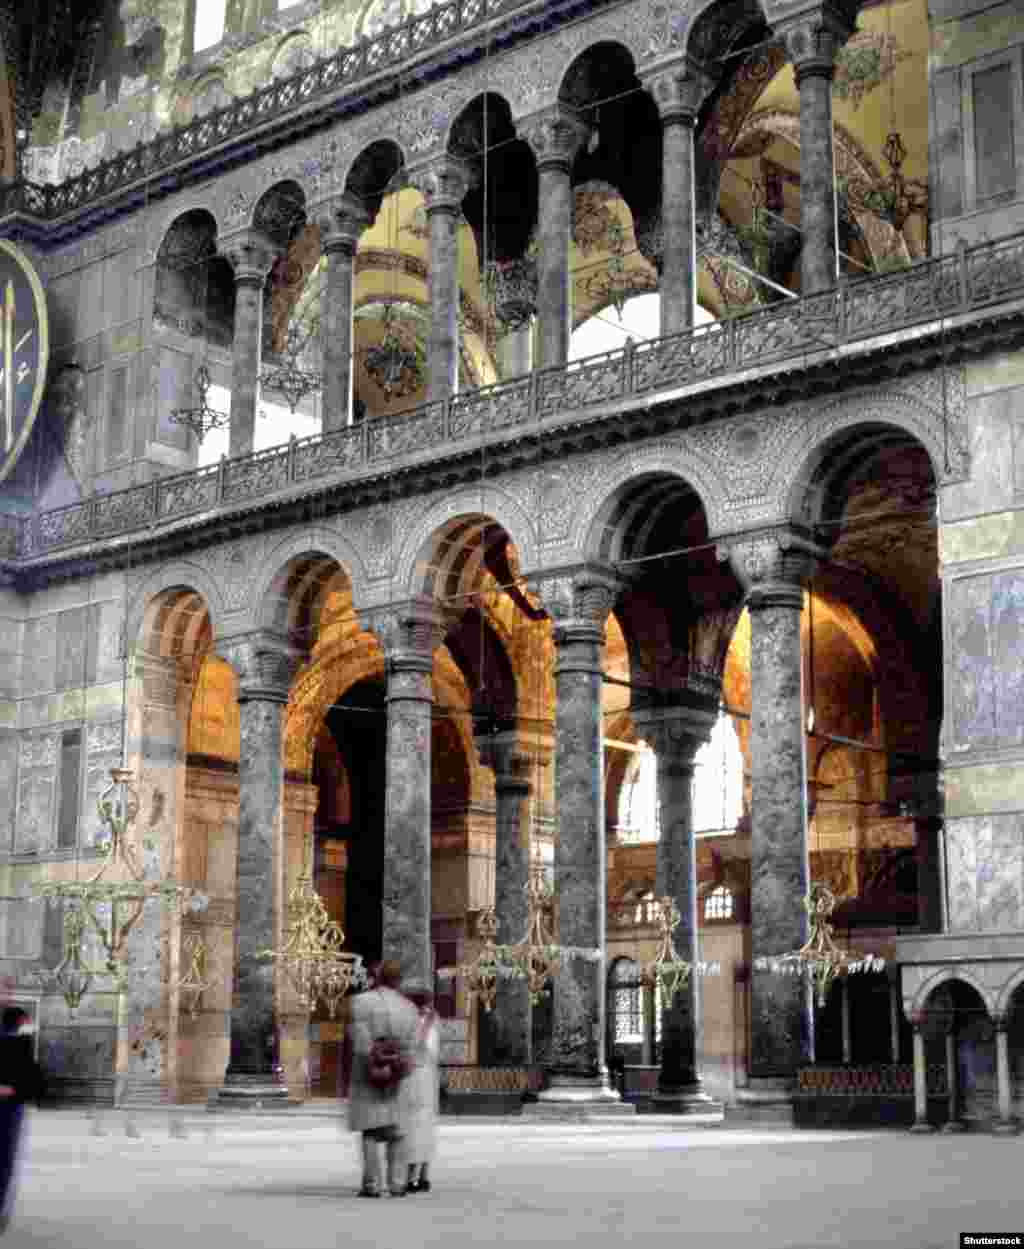 Внутри Айя-Софии.  Согласнонедавнему опросу, 73 процента населения Турции поддерживают возвращение Айя-Софии статуса мечети.